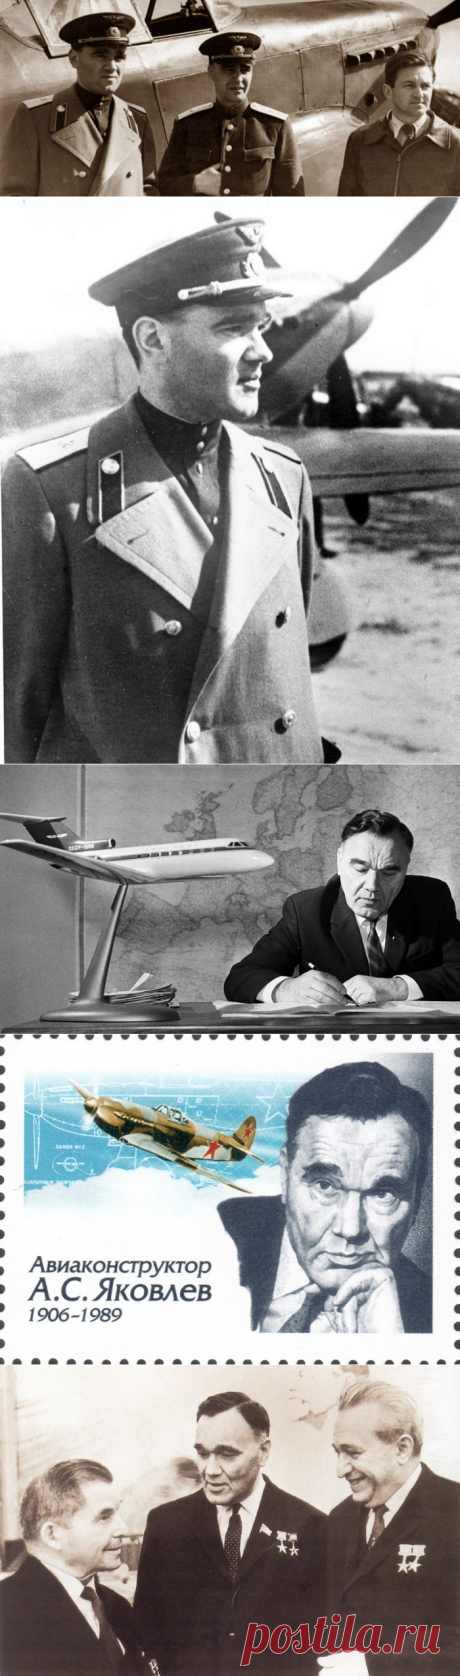 Авиаконструктор Яковлев: самолёты конструктора